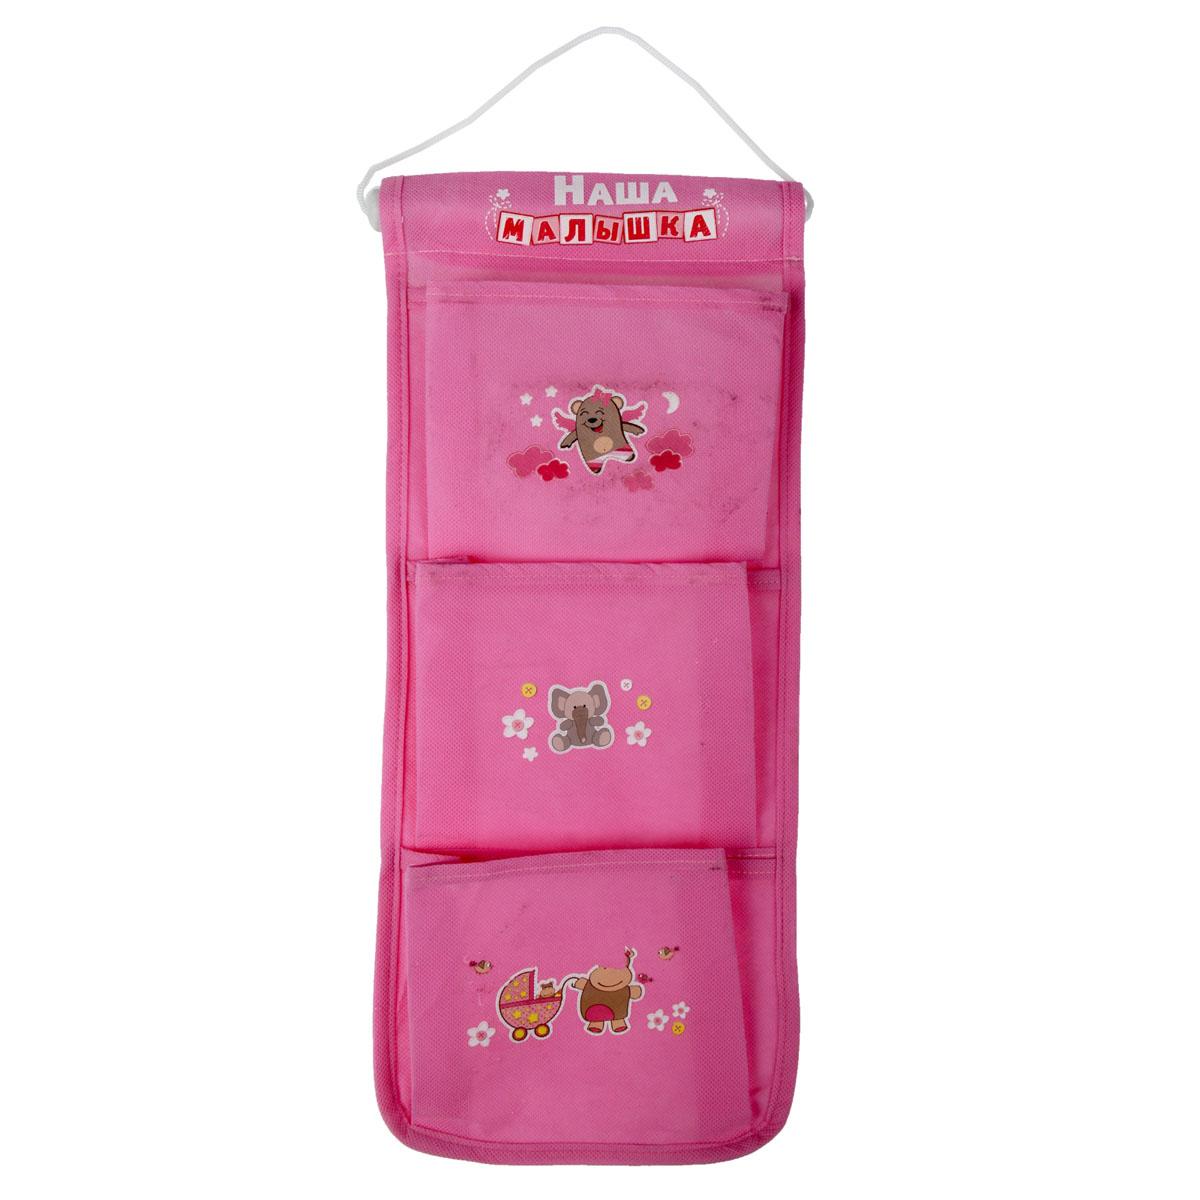 Кармашки на стену Sima-land Наша малышка, цвет: розовый, белый, красный, 3 шт12723Кармашки на стену Sima-land «Наша малышка», изготовленные из текстиля и пластика, предназначены для хранения необходимых вещей, множества мелочей в гардеробной, ванной, детской комнатах. Изделие представляет собой текстильное полотно с тремя пришитыми кармашками. Благодаря пластмассовой планке и шнурку, кармашки можно подвесить на стену или дверь в необходимом для вас месте. Кармашки декорированы изображениями забавных зверюшек и надписью «Наша малышка».Этот нужный предмет может стать одновременно и декоративным элементом комнаты. Яркий дизайн, как ничто иное, способен оживить интерьер вашего дома.